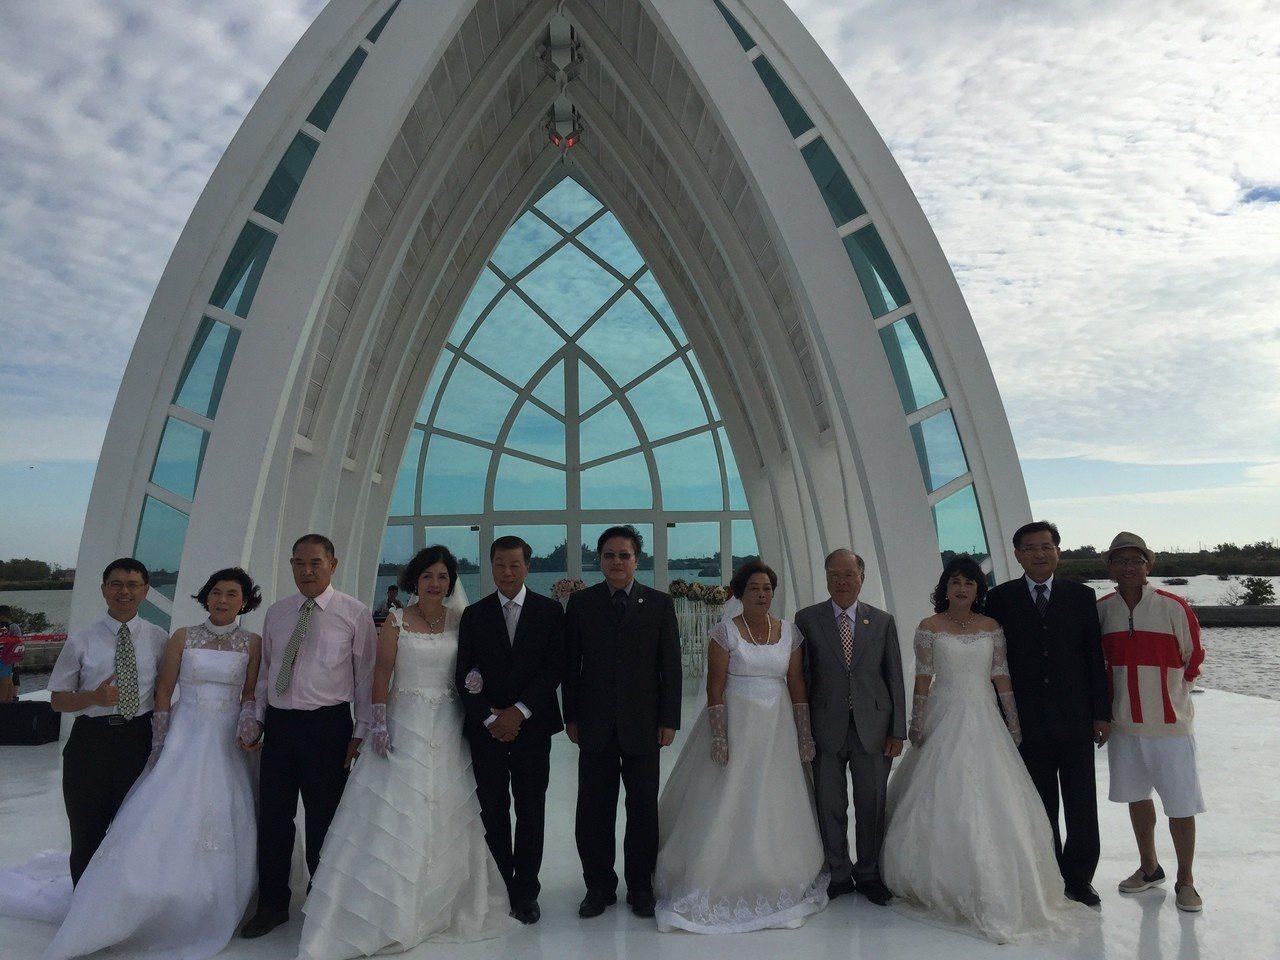 4對夫妻參加台南市北門區水晶教堂紀念婚禮。記者吳政修/攝影